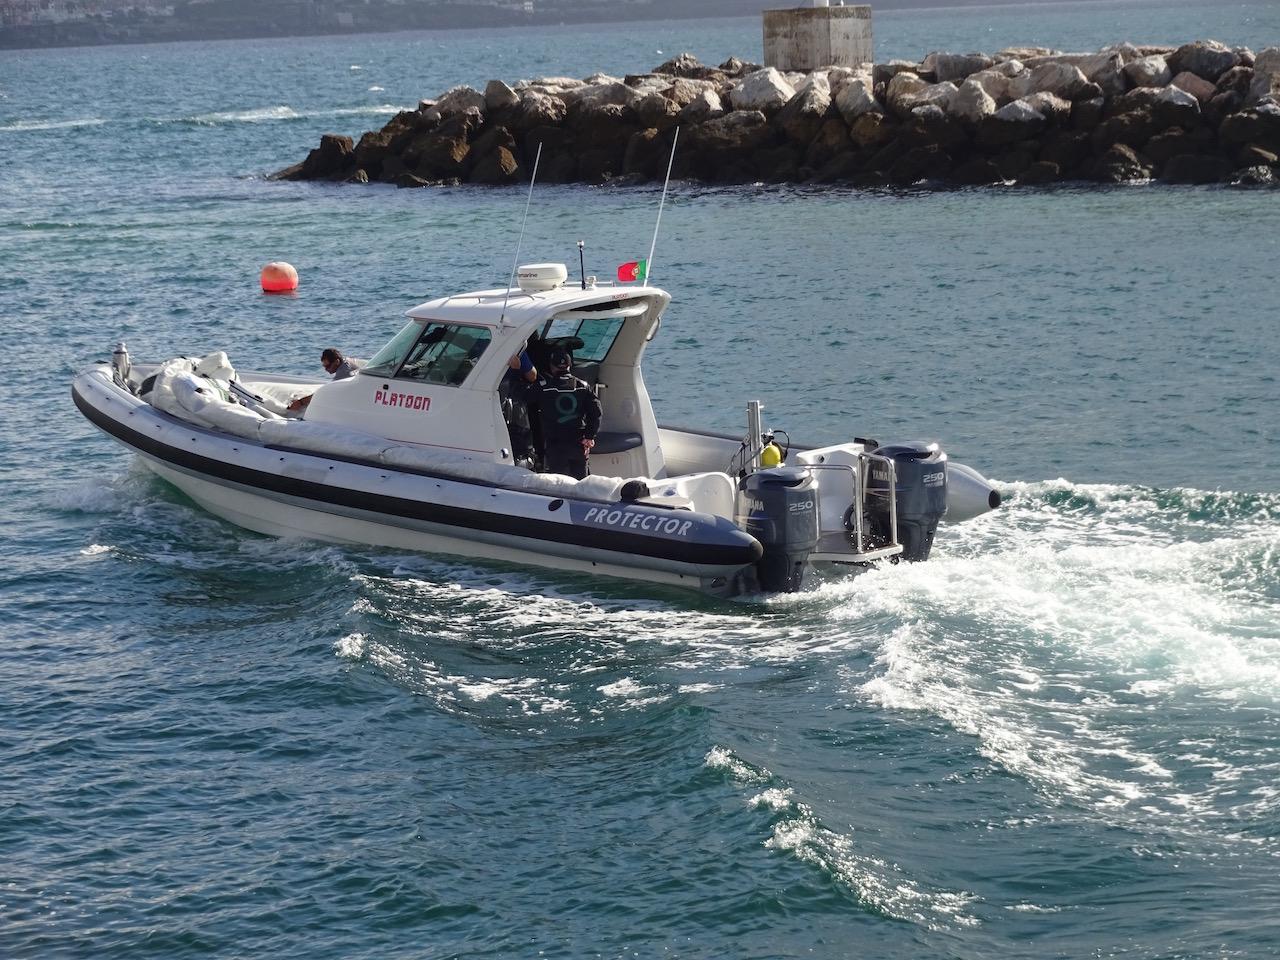 und zu jeder Regattayacht gehört noch ein Begleitboot in beachtlicher Größe